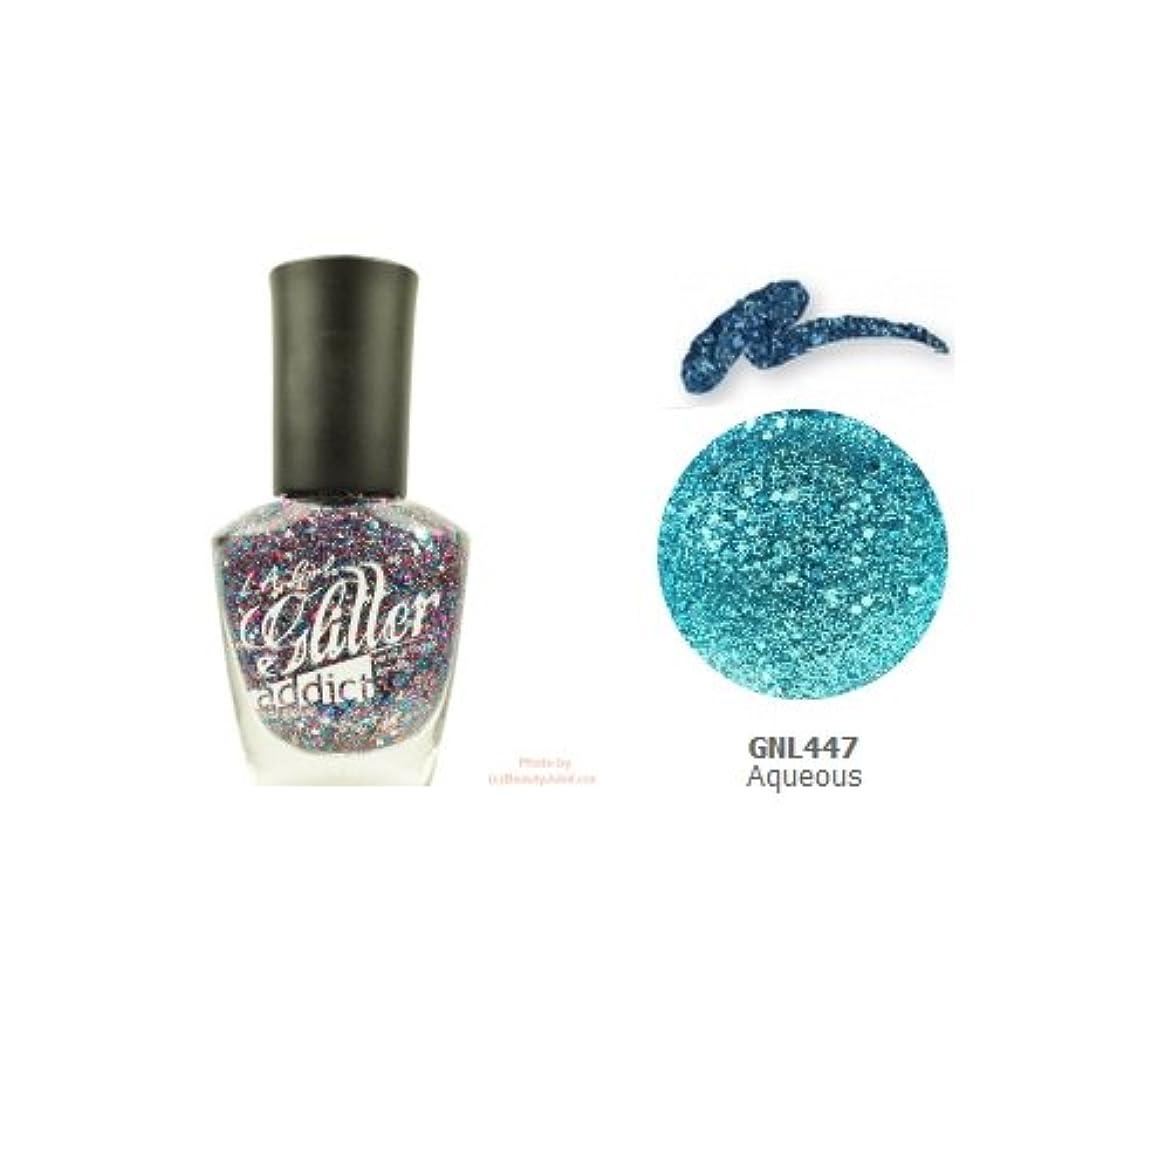 教え徐々に聡明(3 Pack) LA GIRL Glitter Addict Polish - Aqueous (並行輸入品)